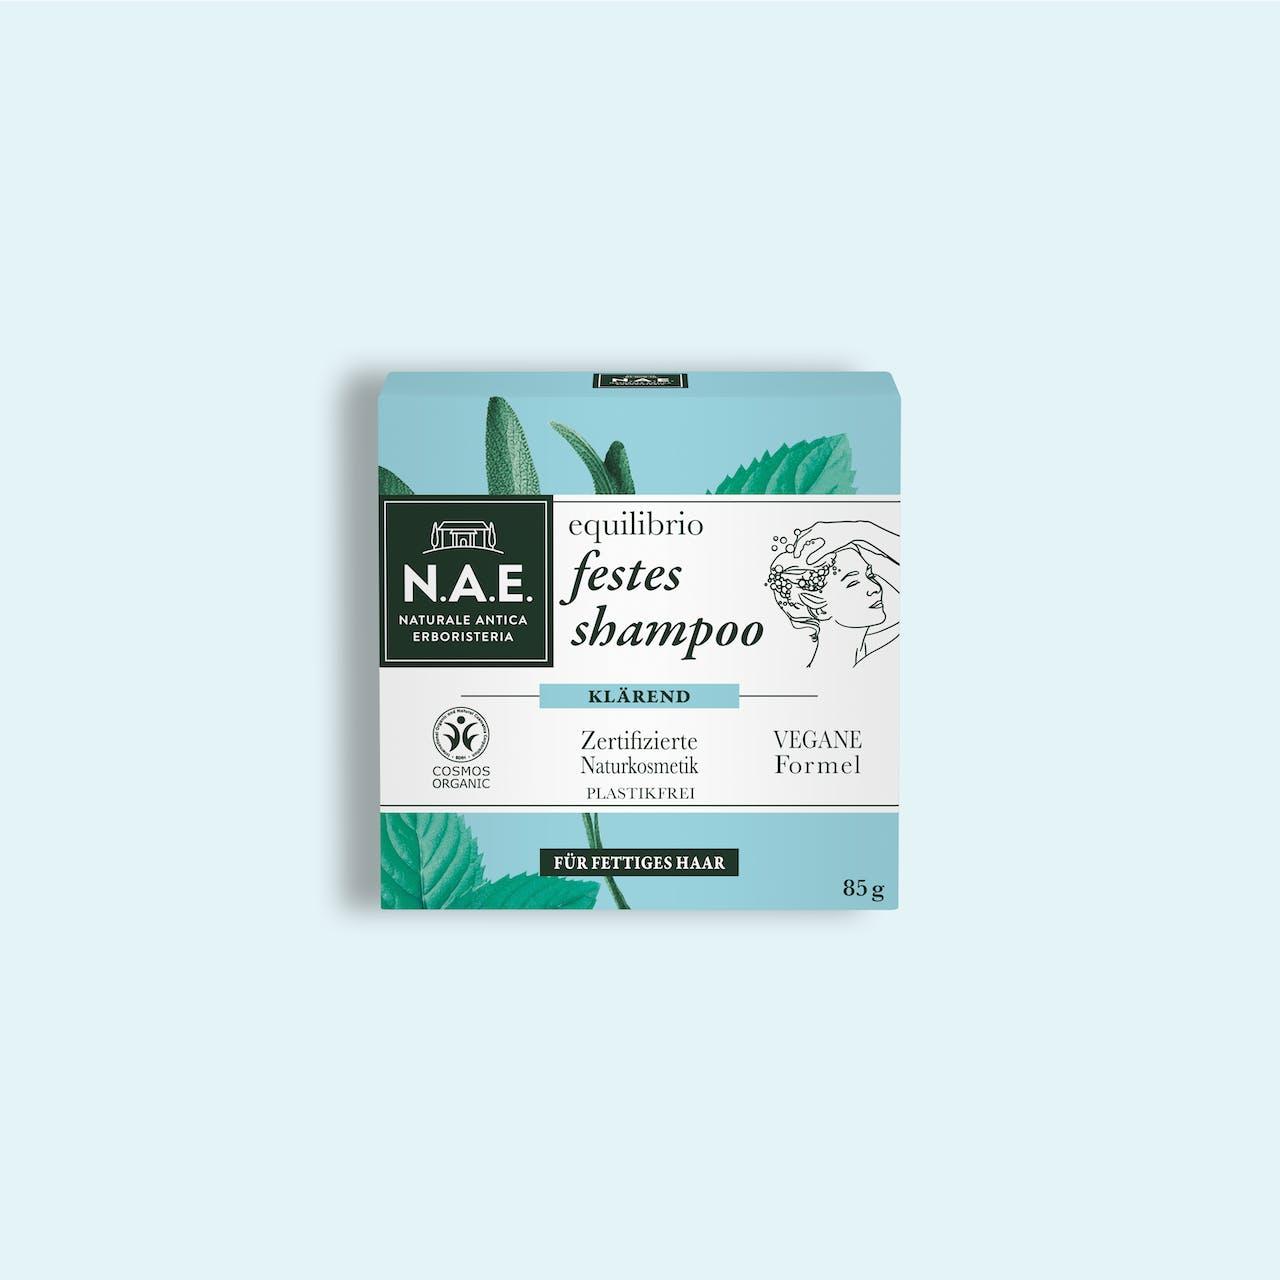 equilibrio klärendes festes shampoo, 85g